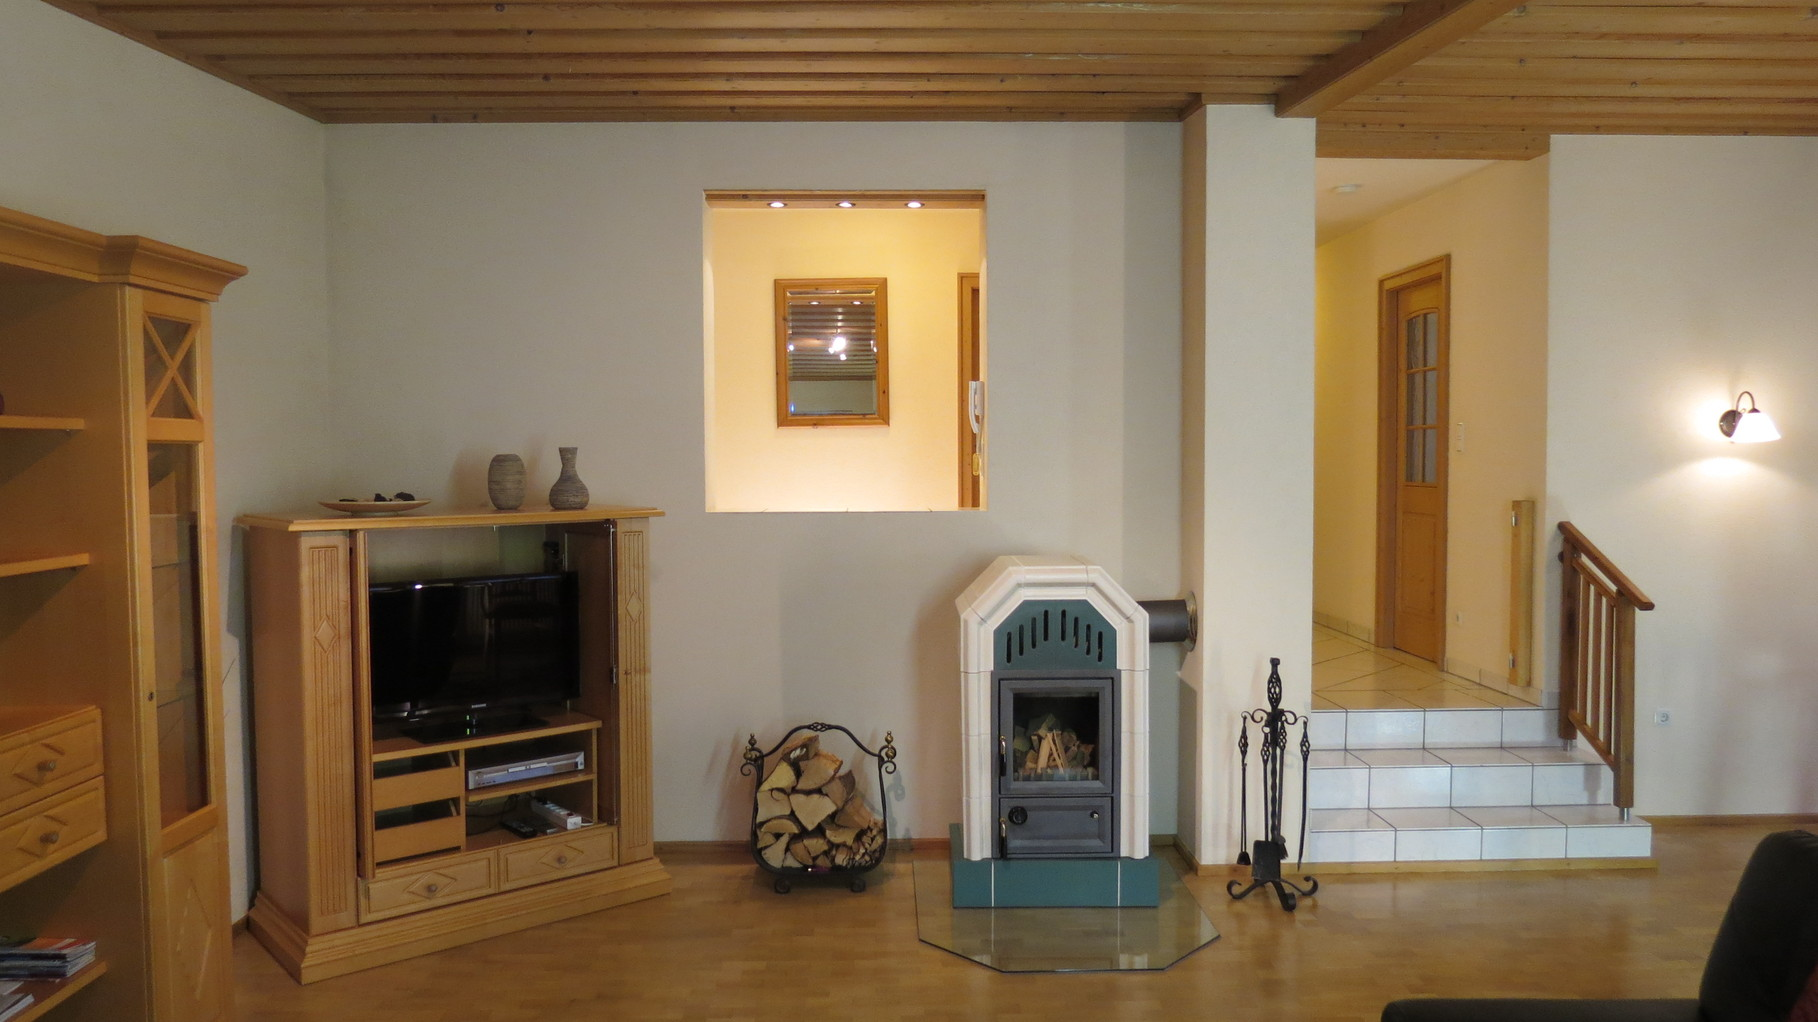 Wohnzimmer mit LED-Flachbild-TV und Kaminofen